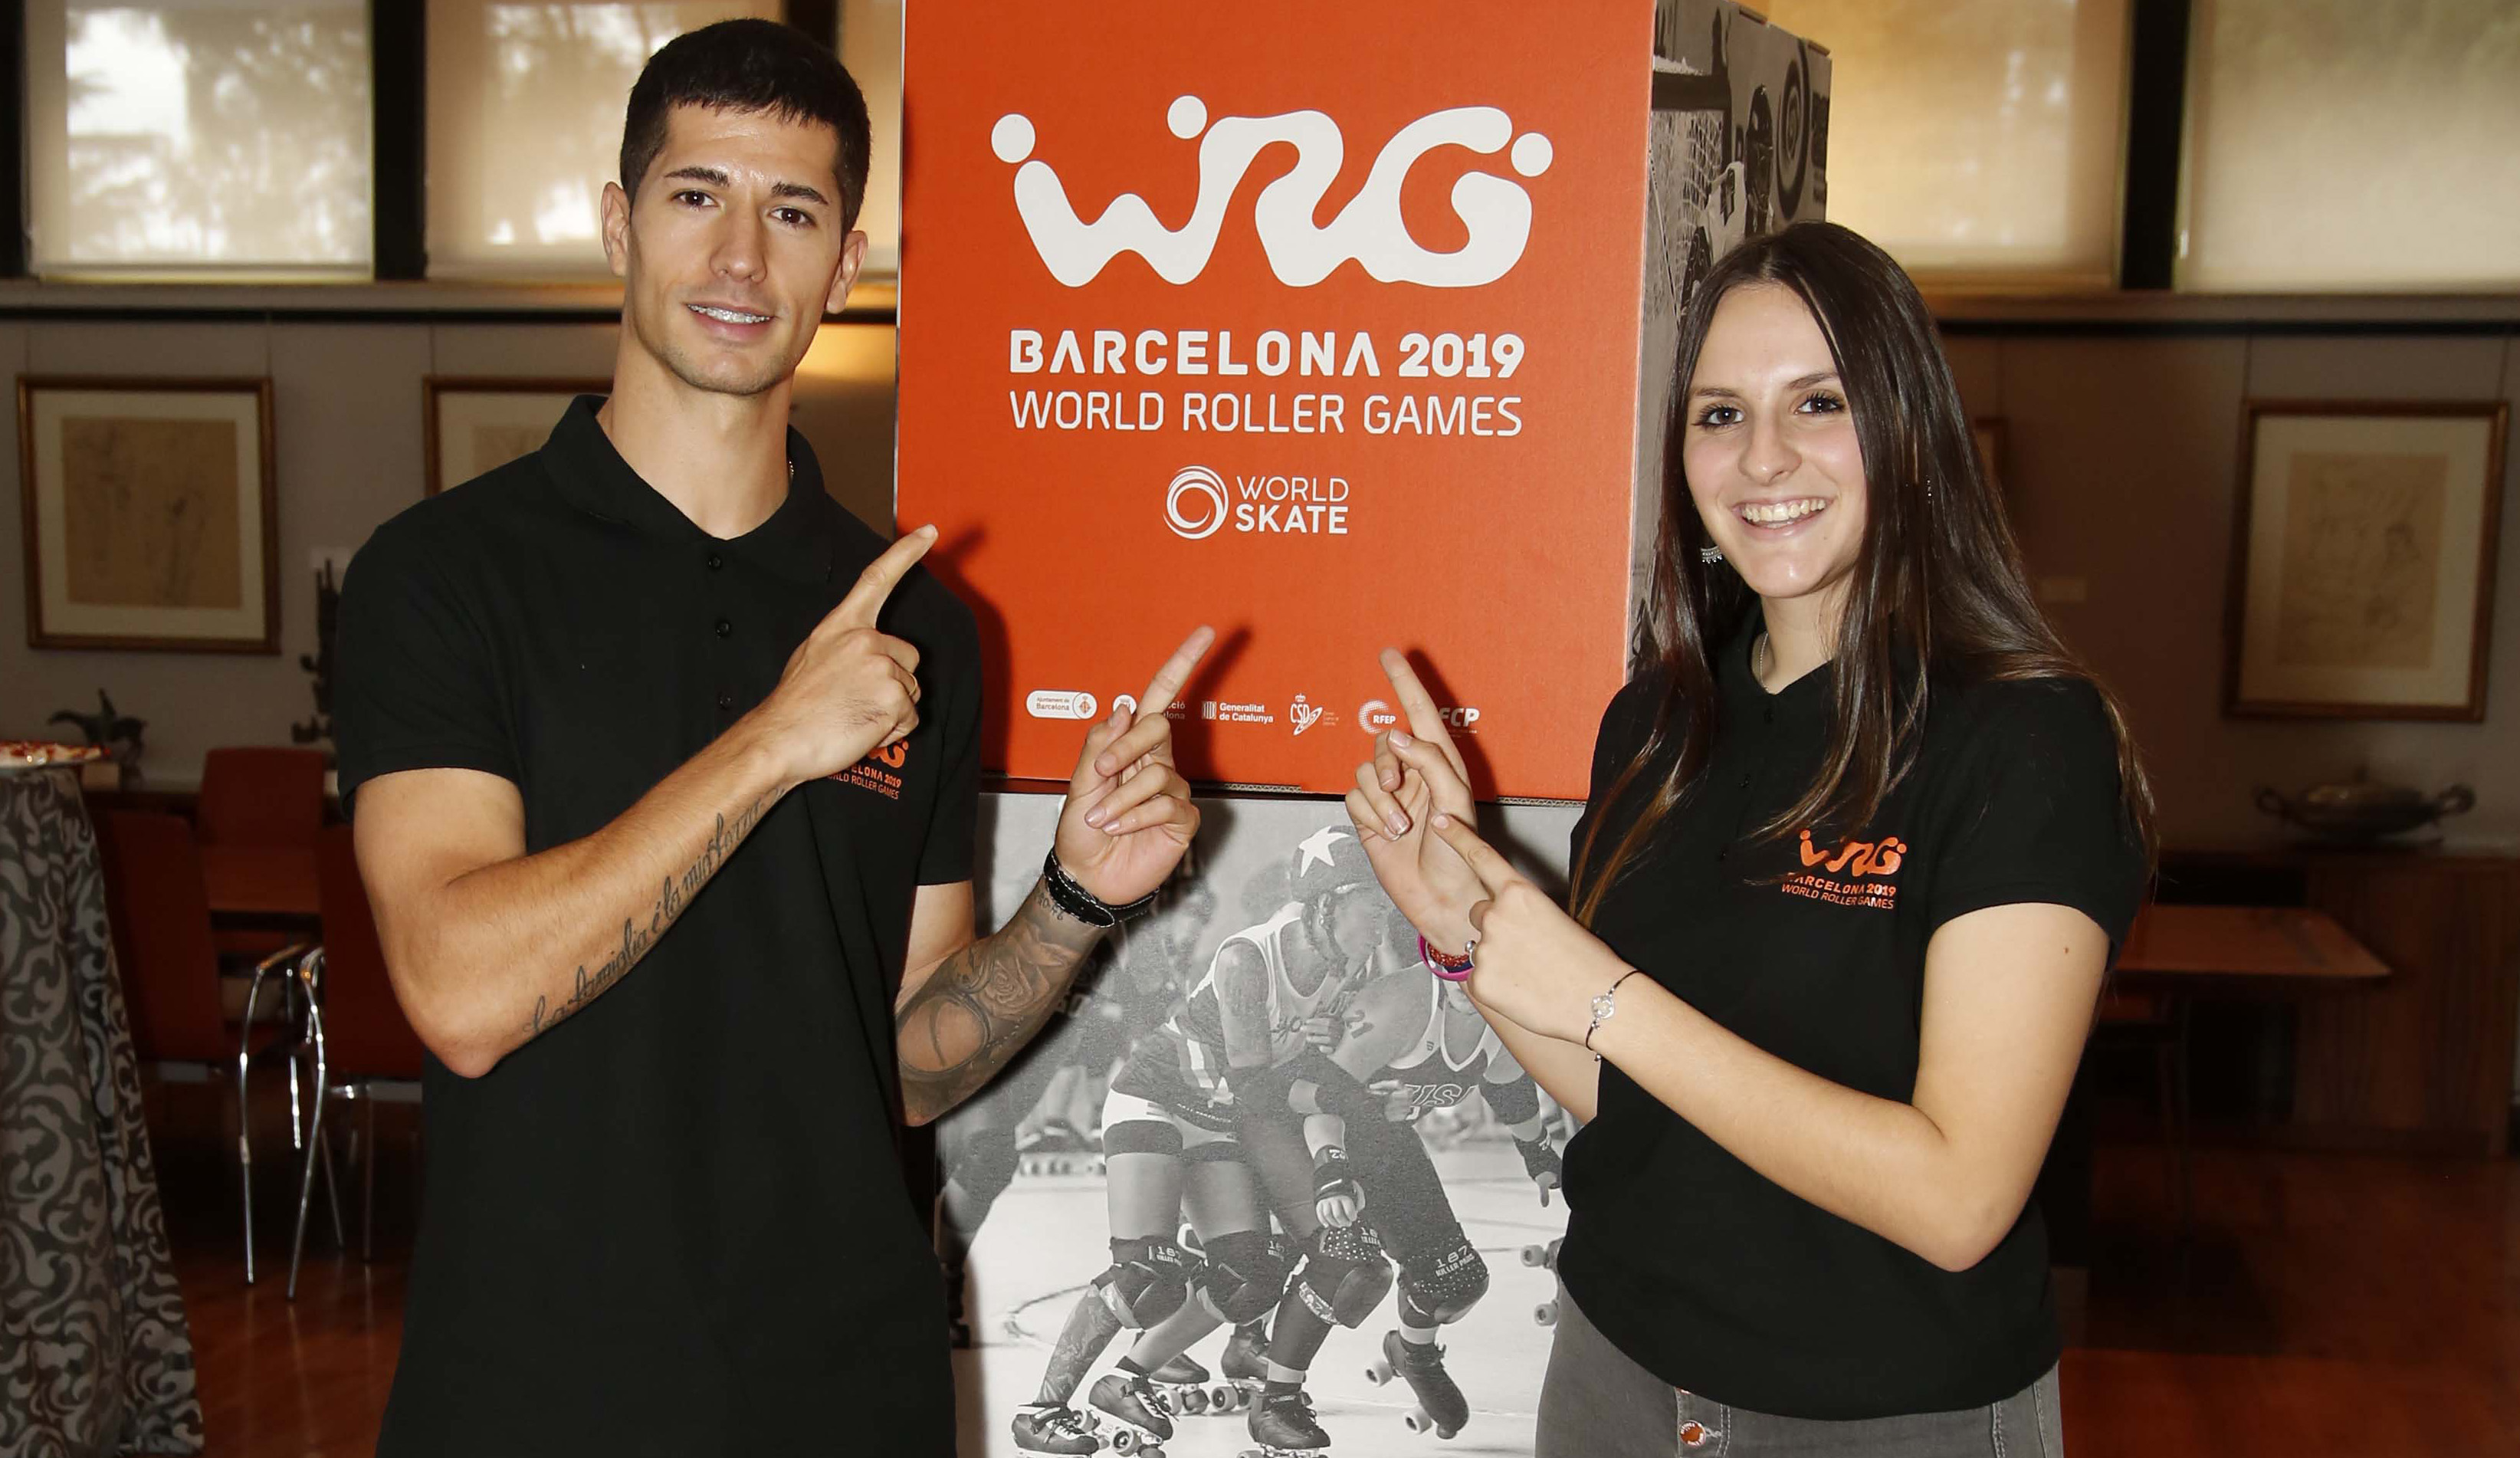 Presentados los World Roller Games Barcelona 2019